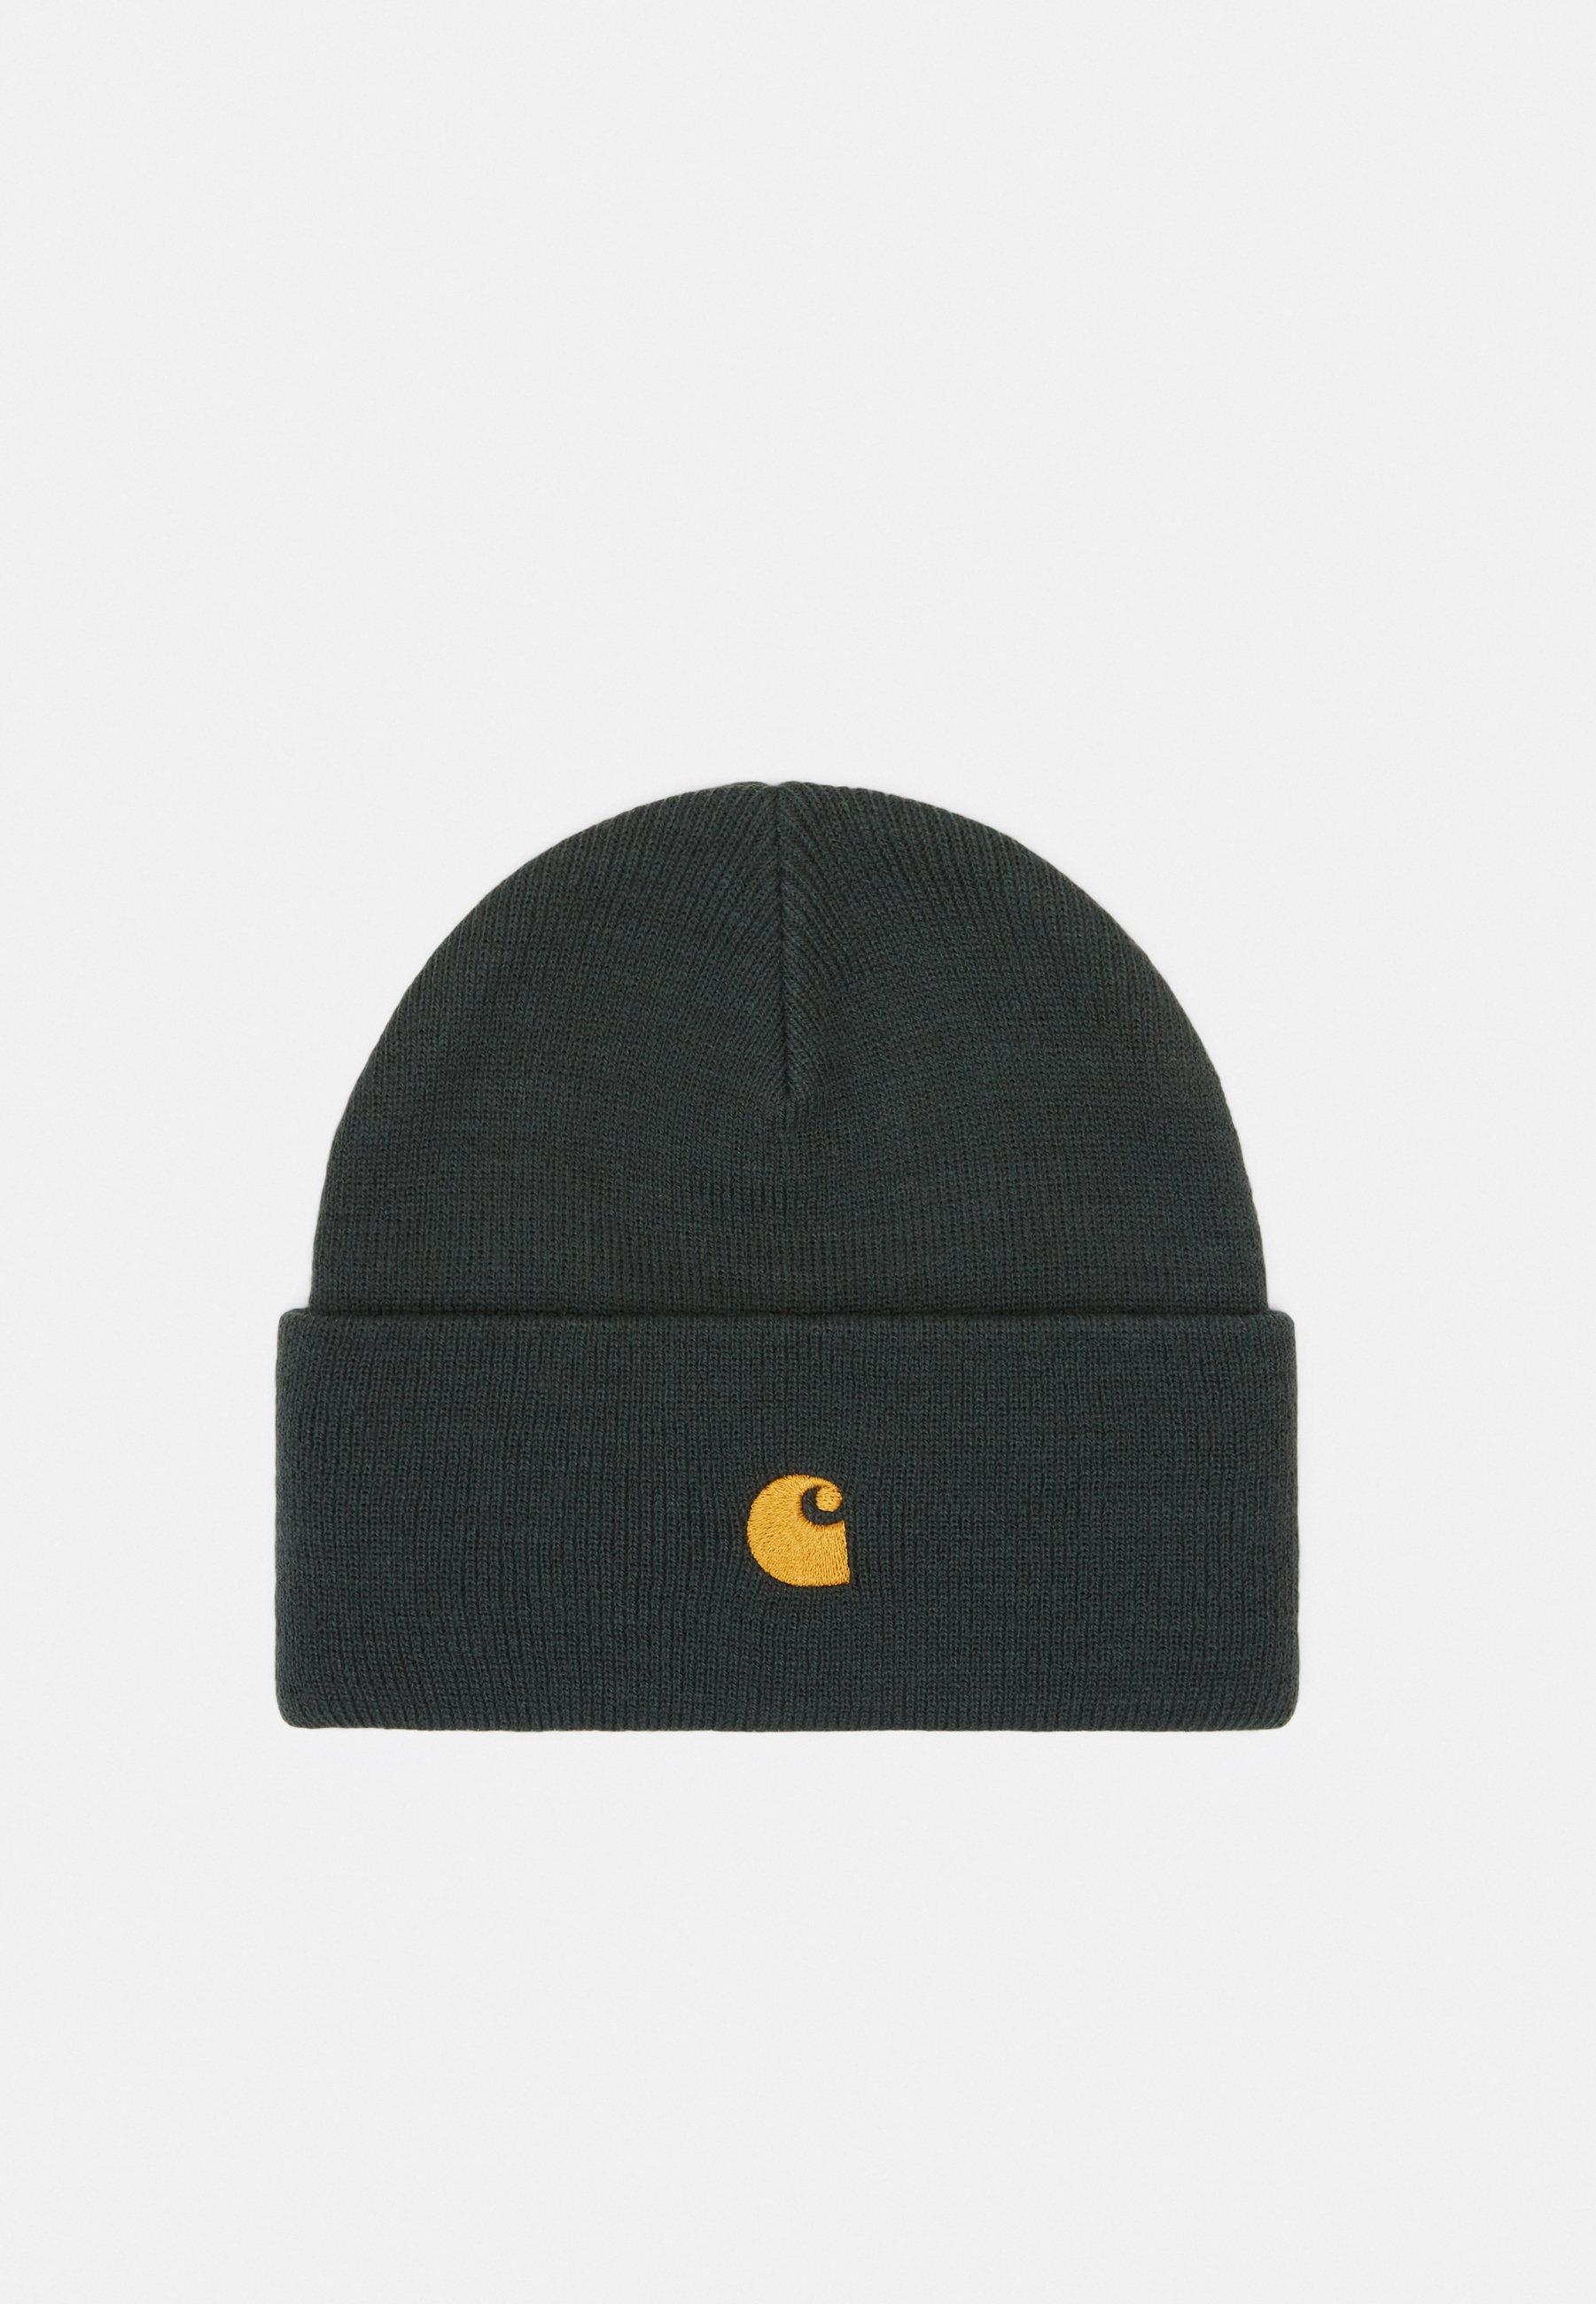 Carhartt Wip Chase Beanie - Mütze Black/gold/schwarz